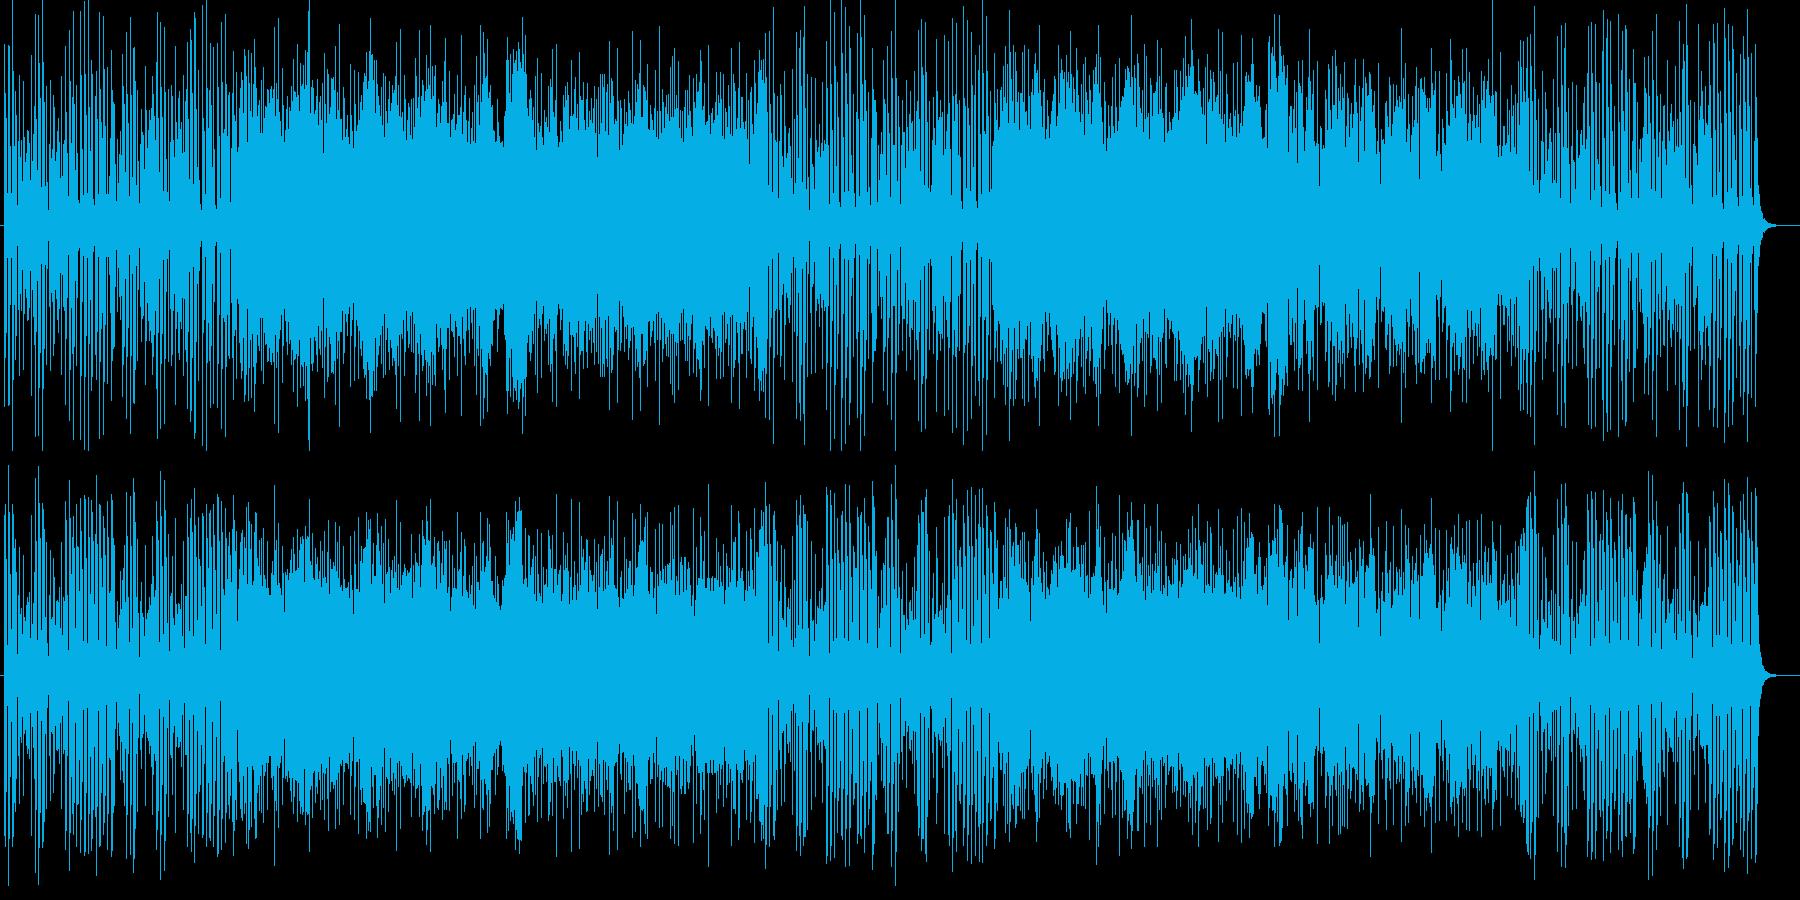 ドキドキと疾走感シンセサイザーサウンドの再生済みの波形